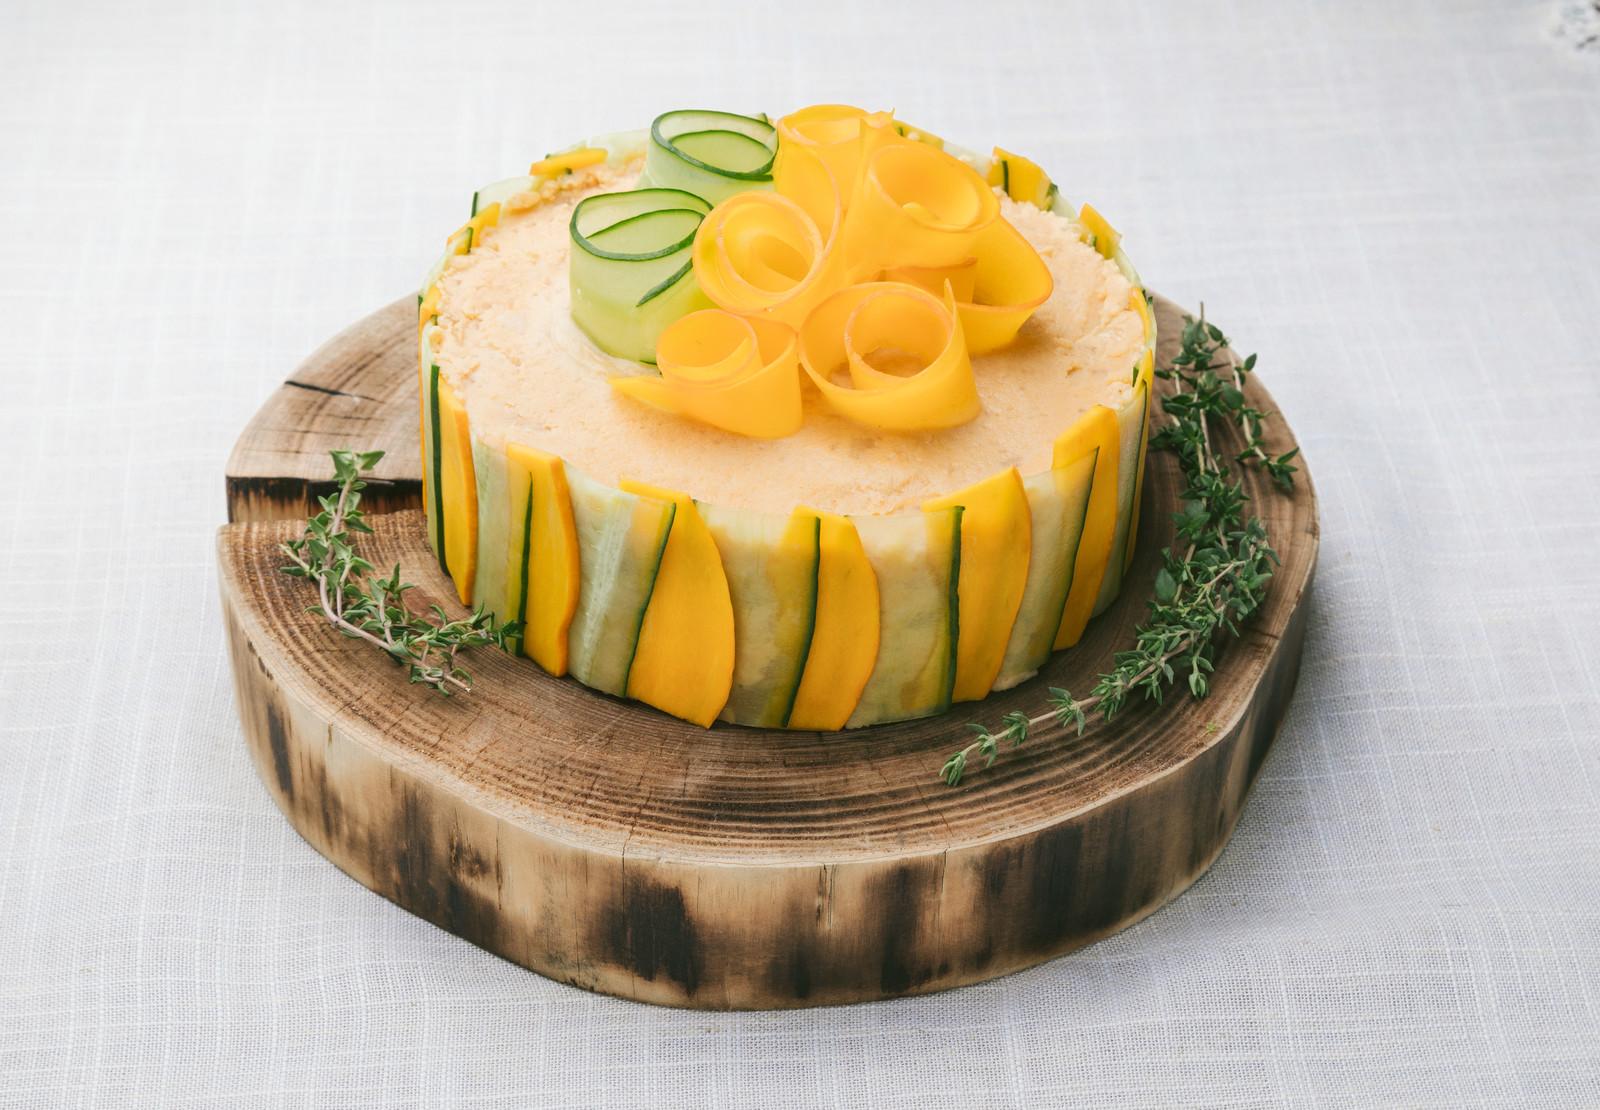 天神のケーキ屋おすすめランキング!イートイン可の人気カフェも紹介!